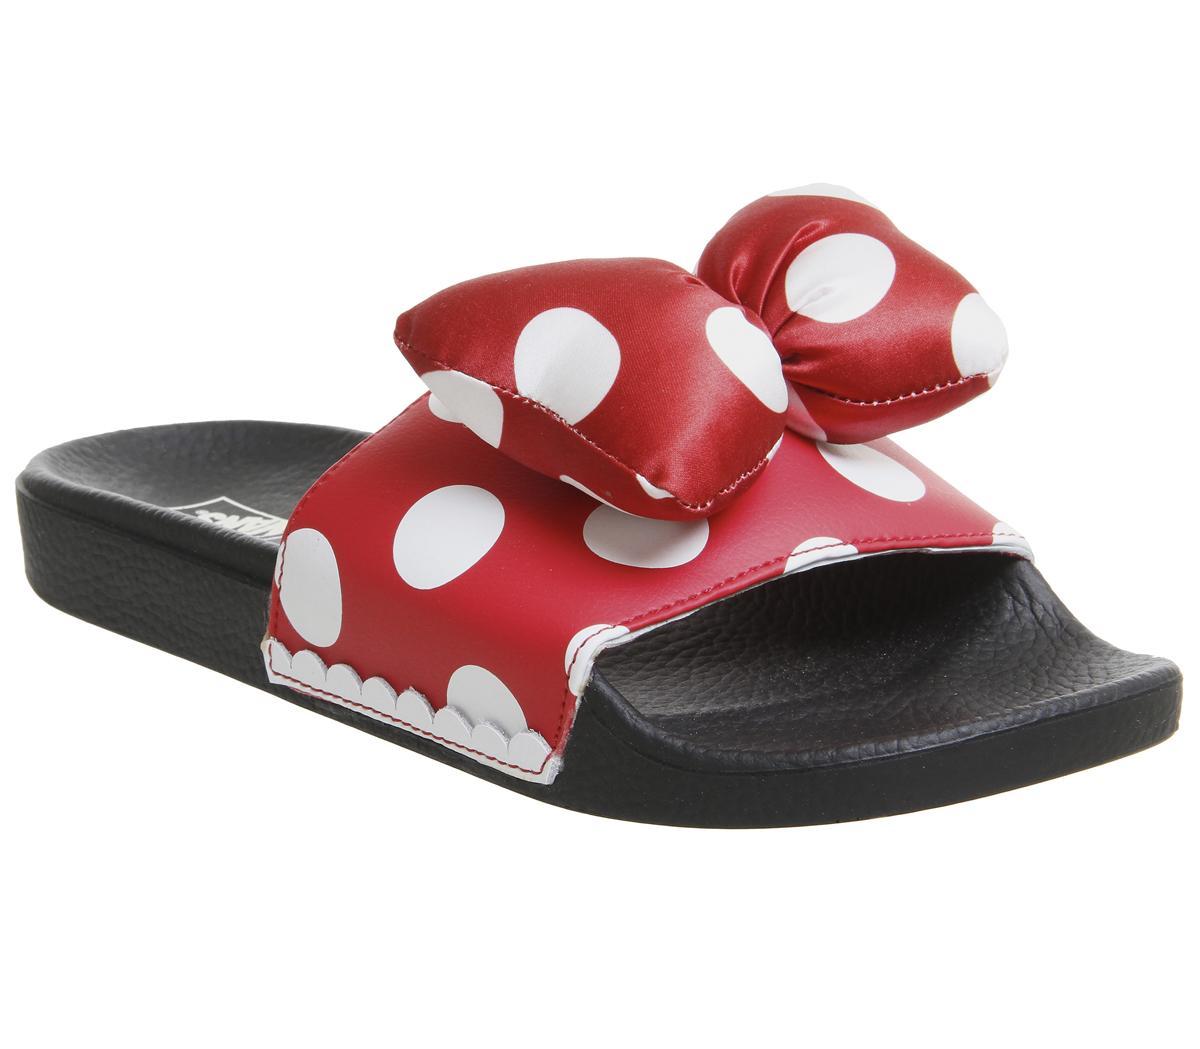 Vans Wm Slide On Sliders Minnies Bow